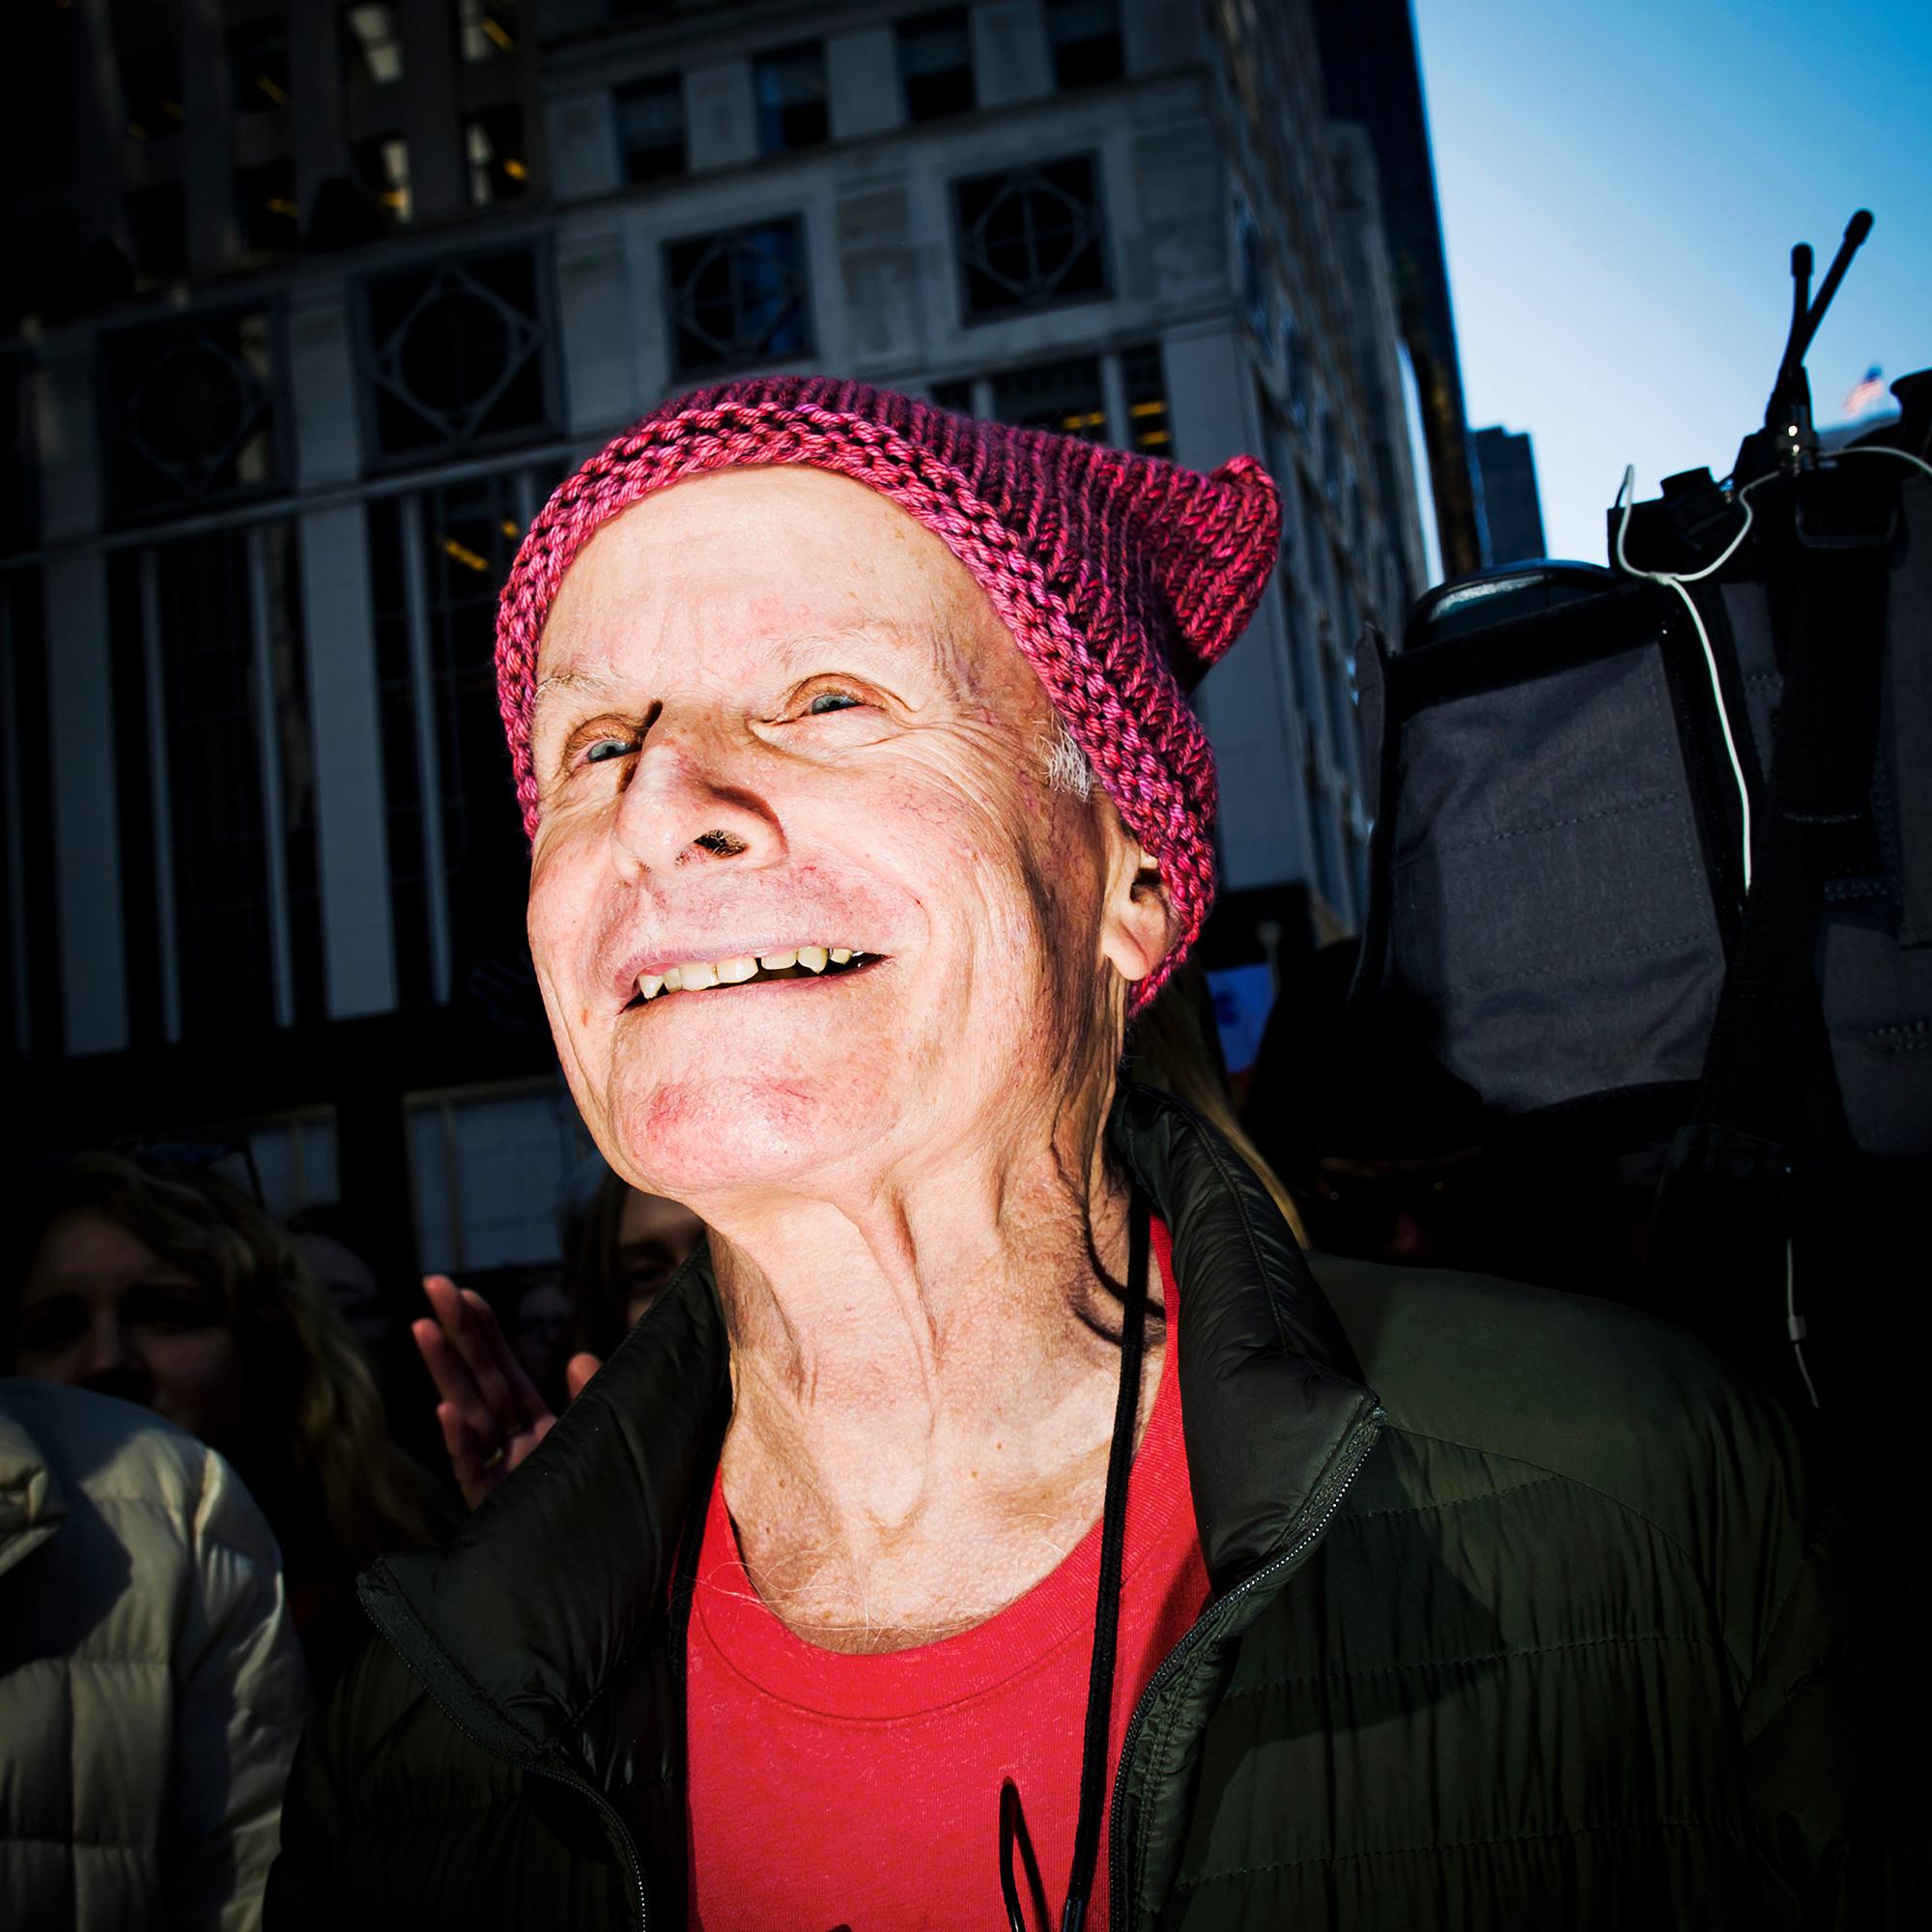 Mann trägt Pussy-Hat: Eindrücke vom women's strike am Weltfrauentag, 8. März 2017, in New York.